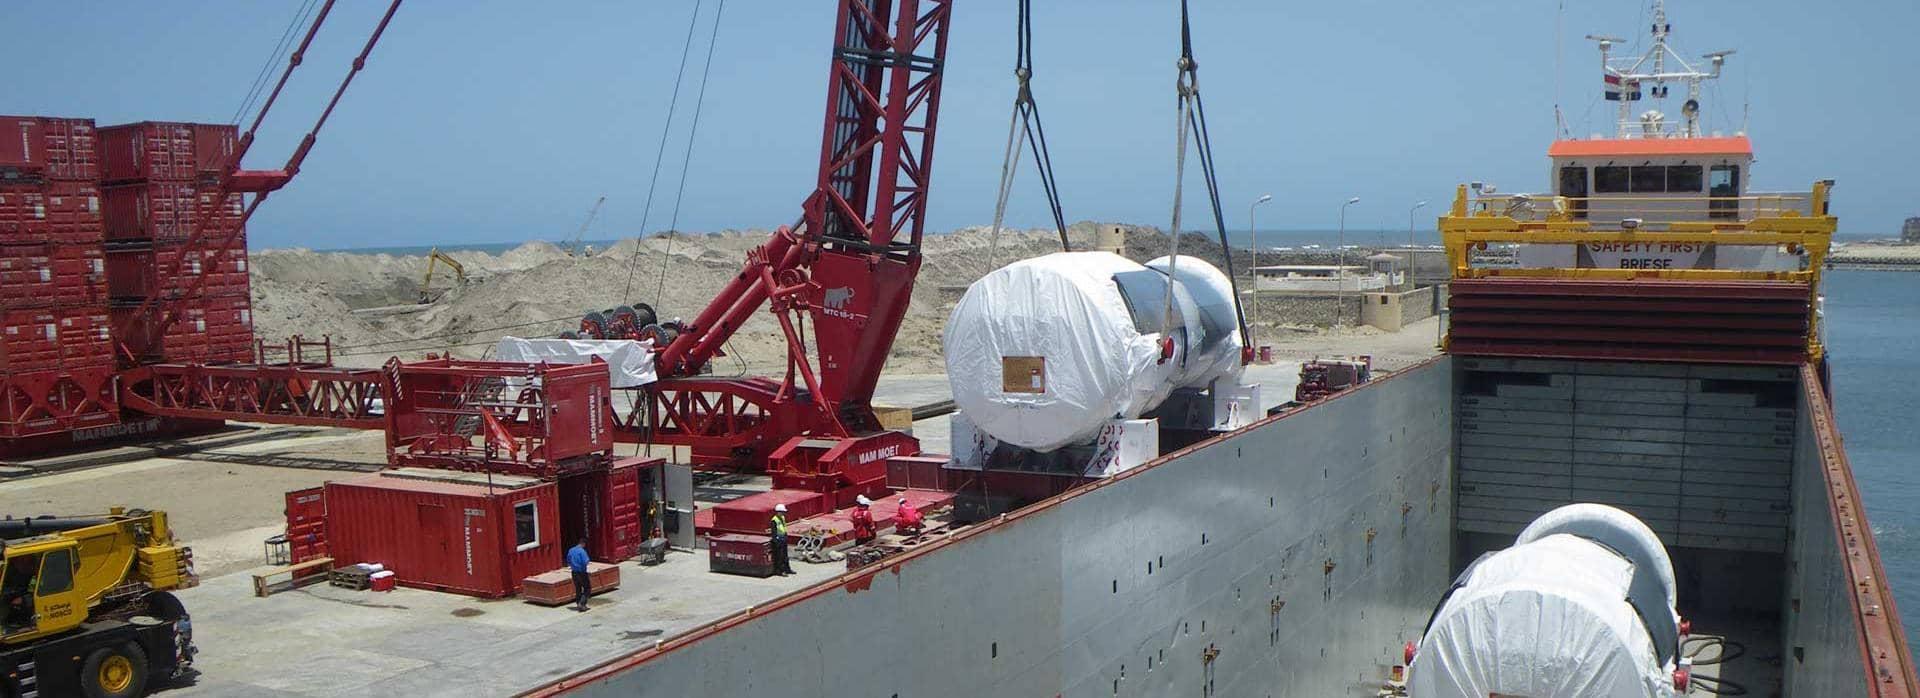 600 tonnin nosturi purkaa turbiineja Burullusissa